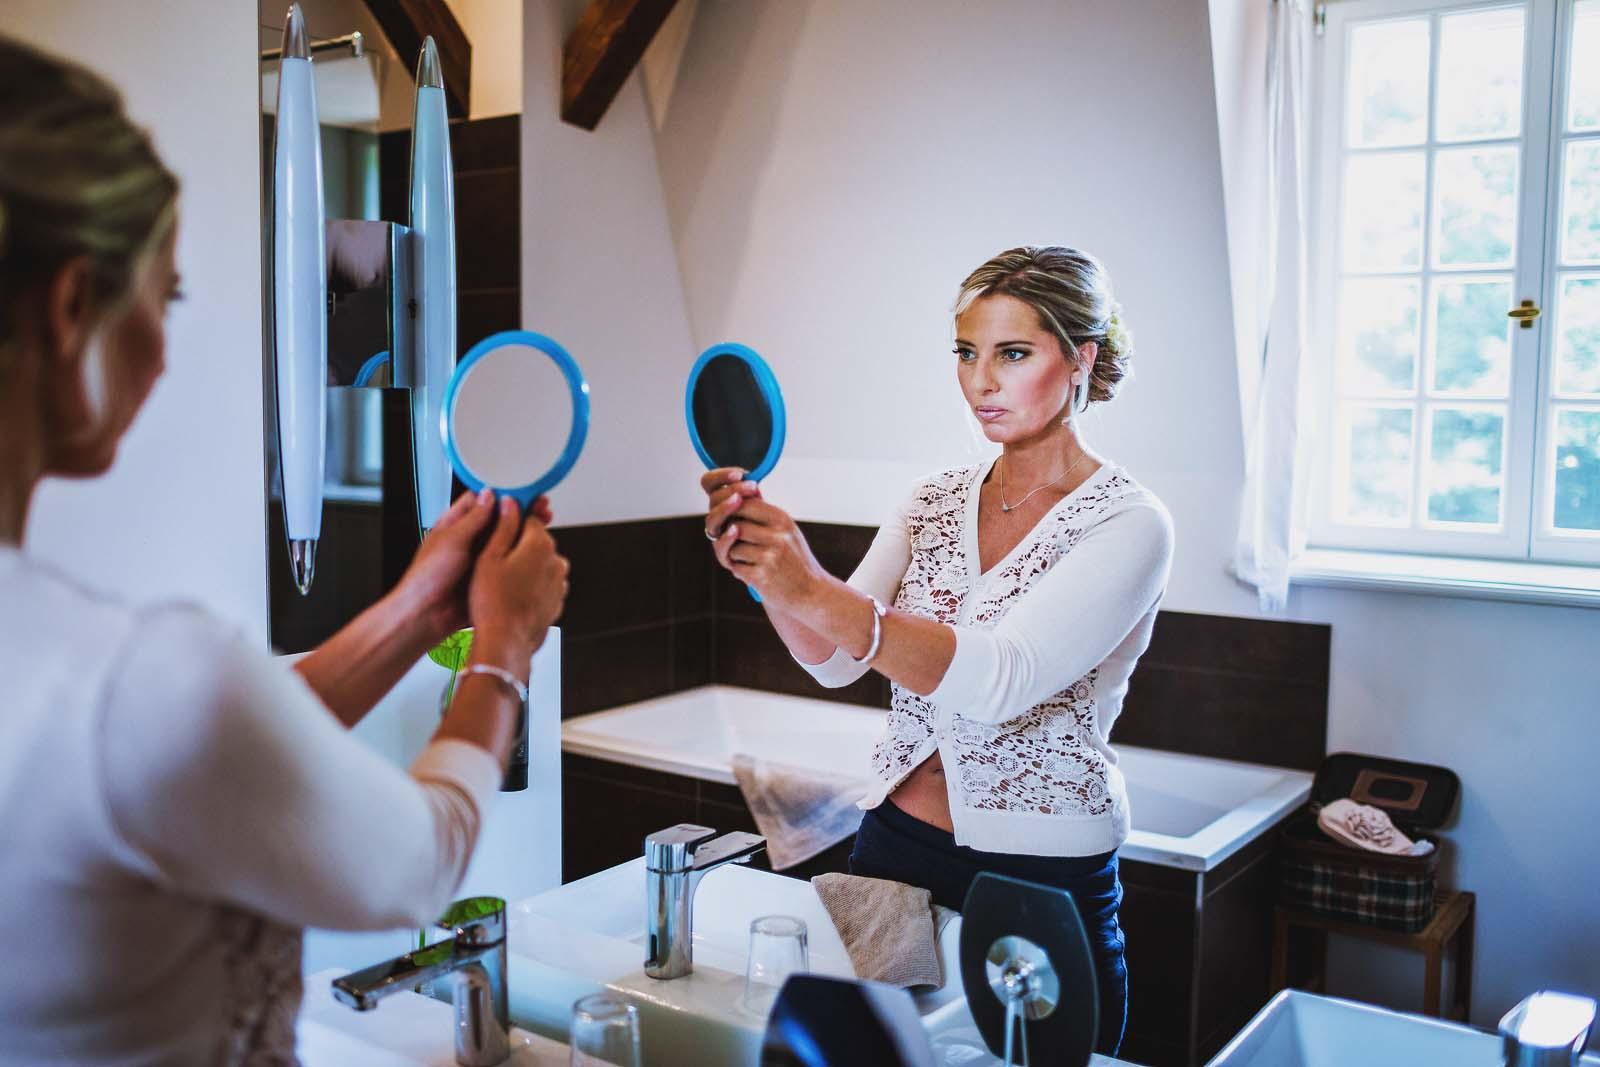 Hochzeitsreportage zeigt Bild der Braut beim Getting Ready Copyright by Hochzeitsfotograf www.berliner-hochzeitsfotografie.de